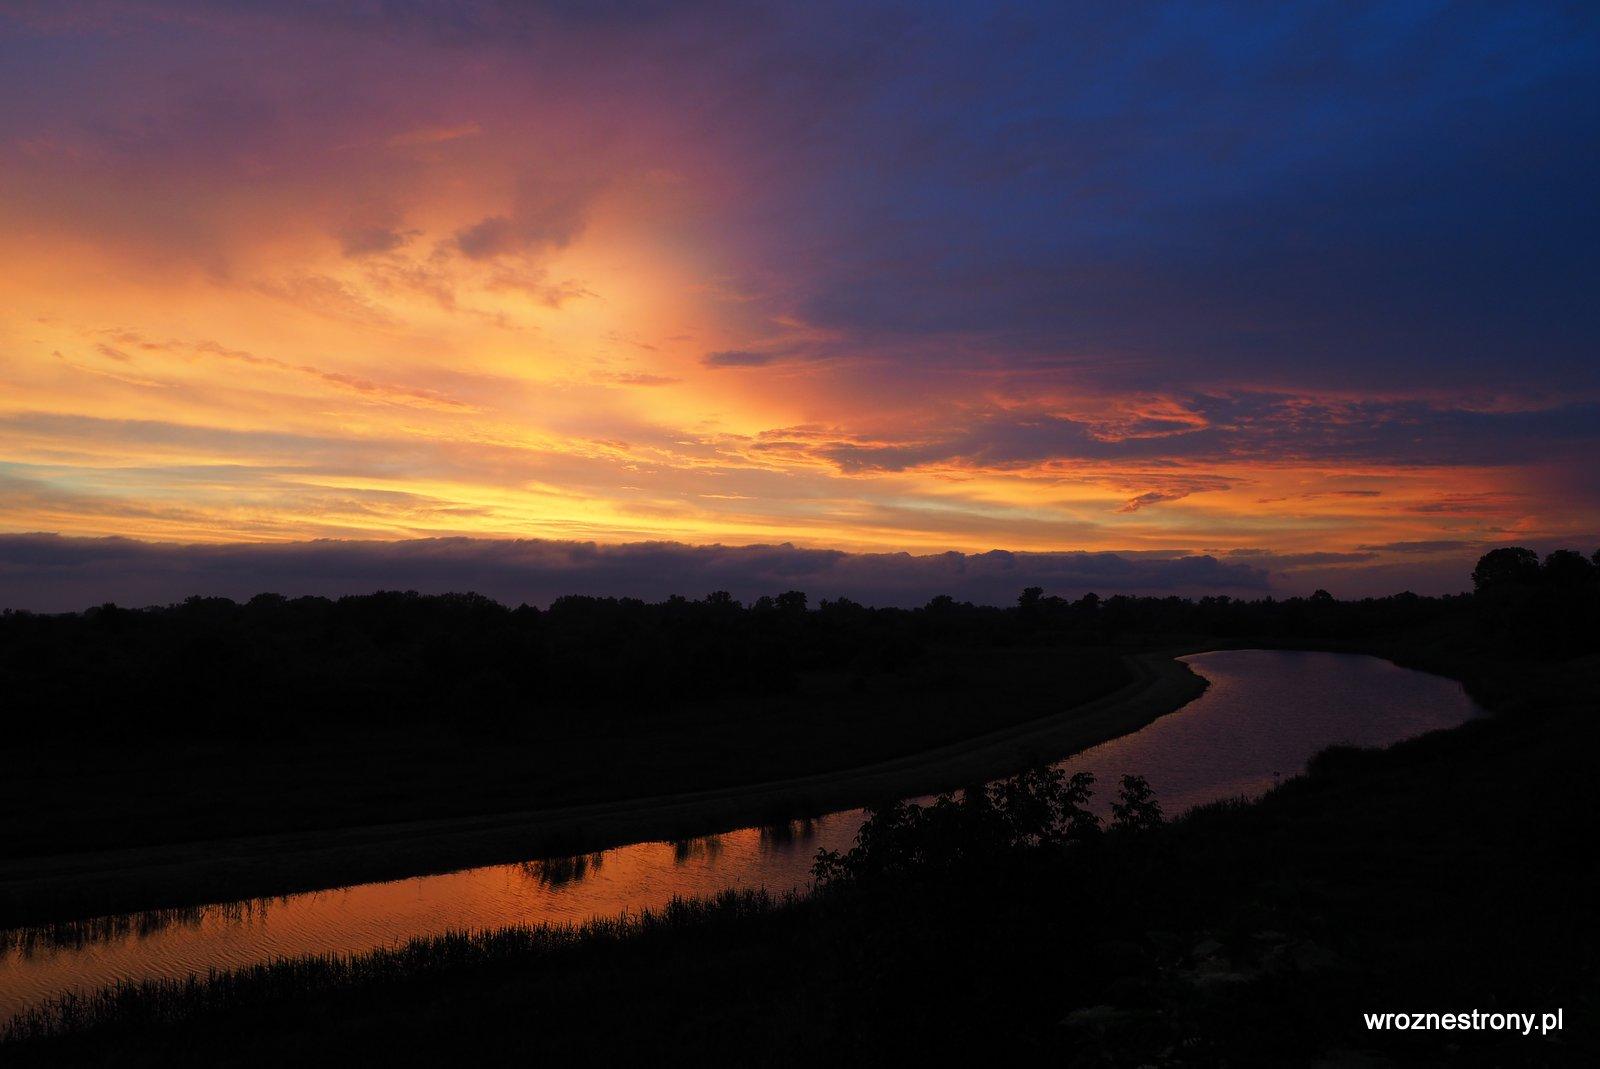 Piękny zachód słońca nad rzeką w Tarnobrzegu - widok z naszego tarasu